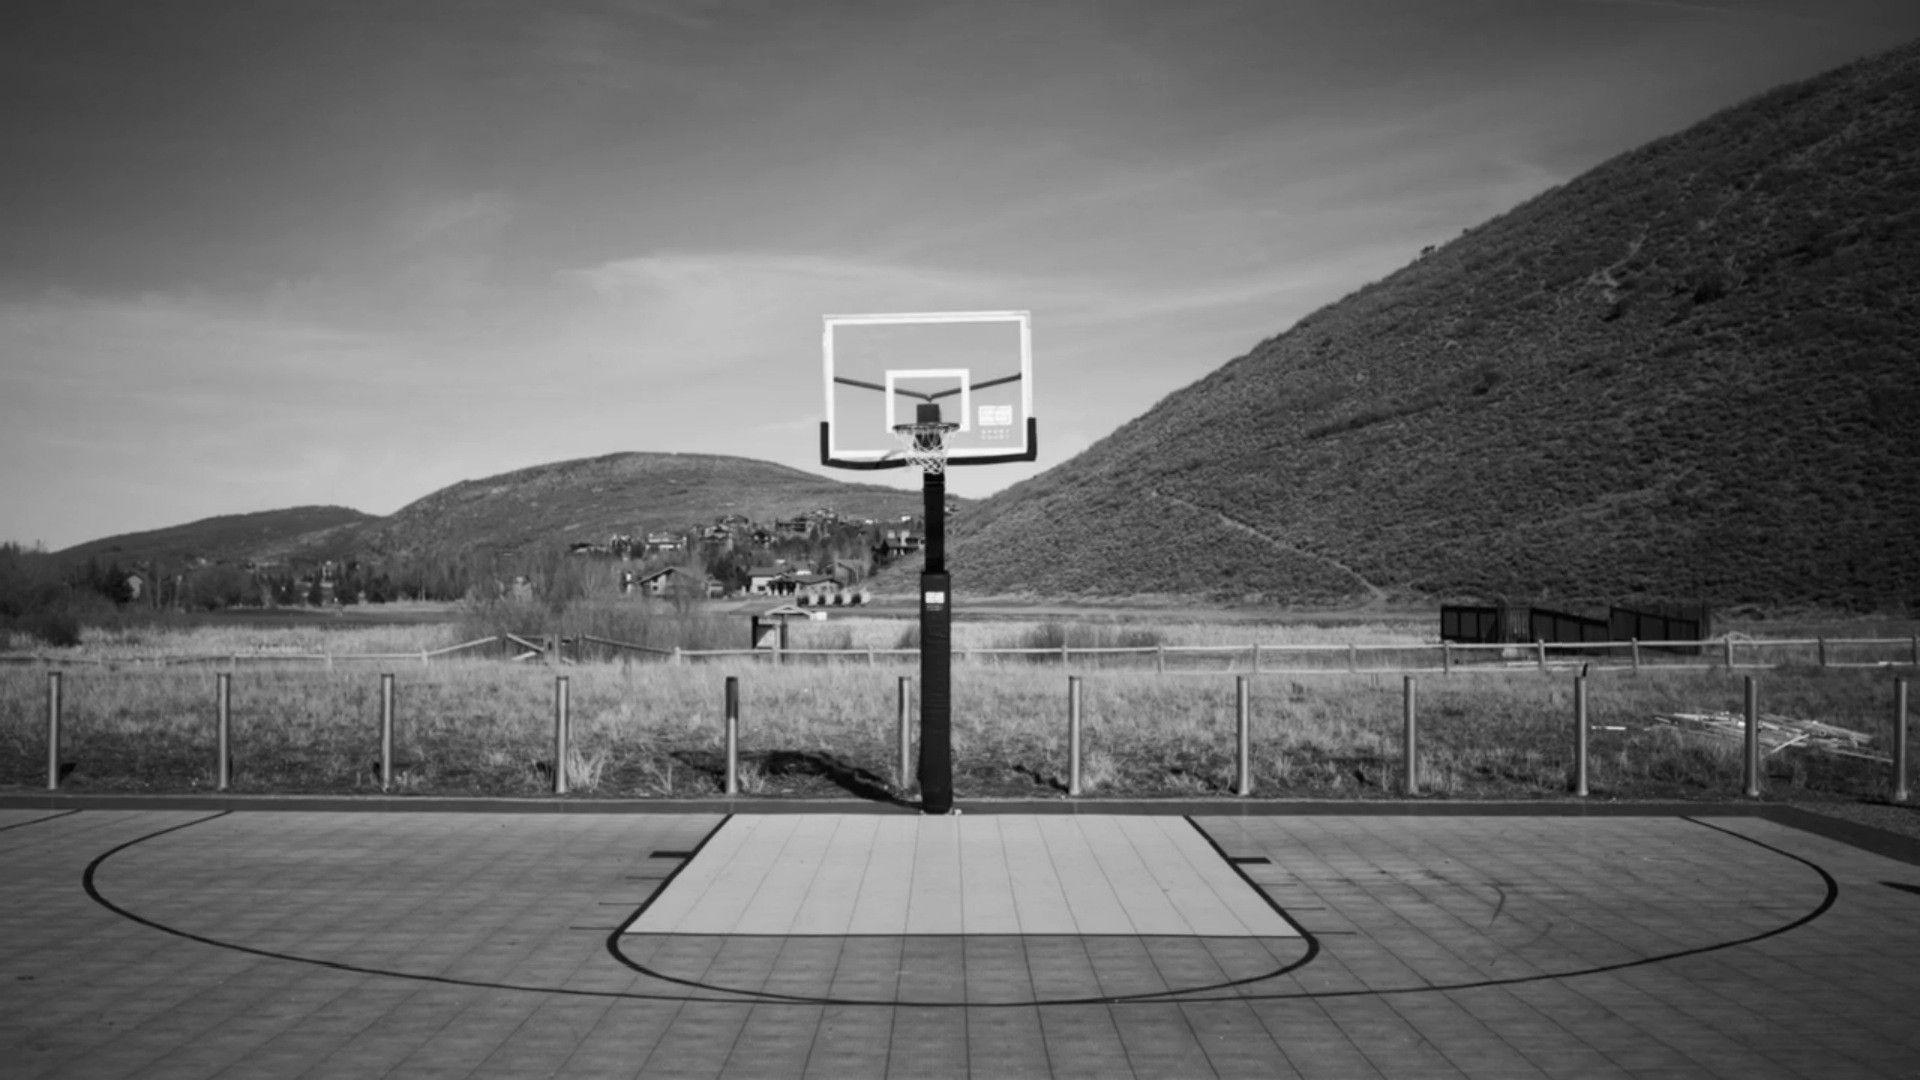 Basketball Court Wallpaper Wallpapertag